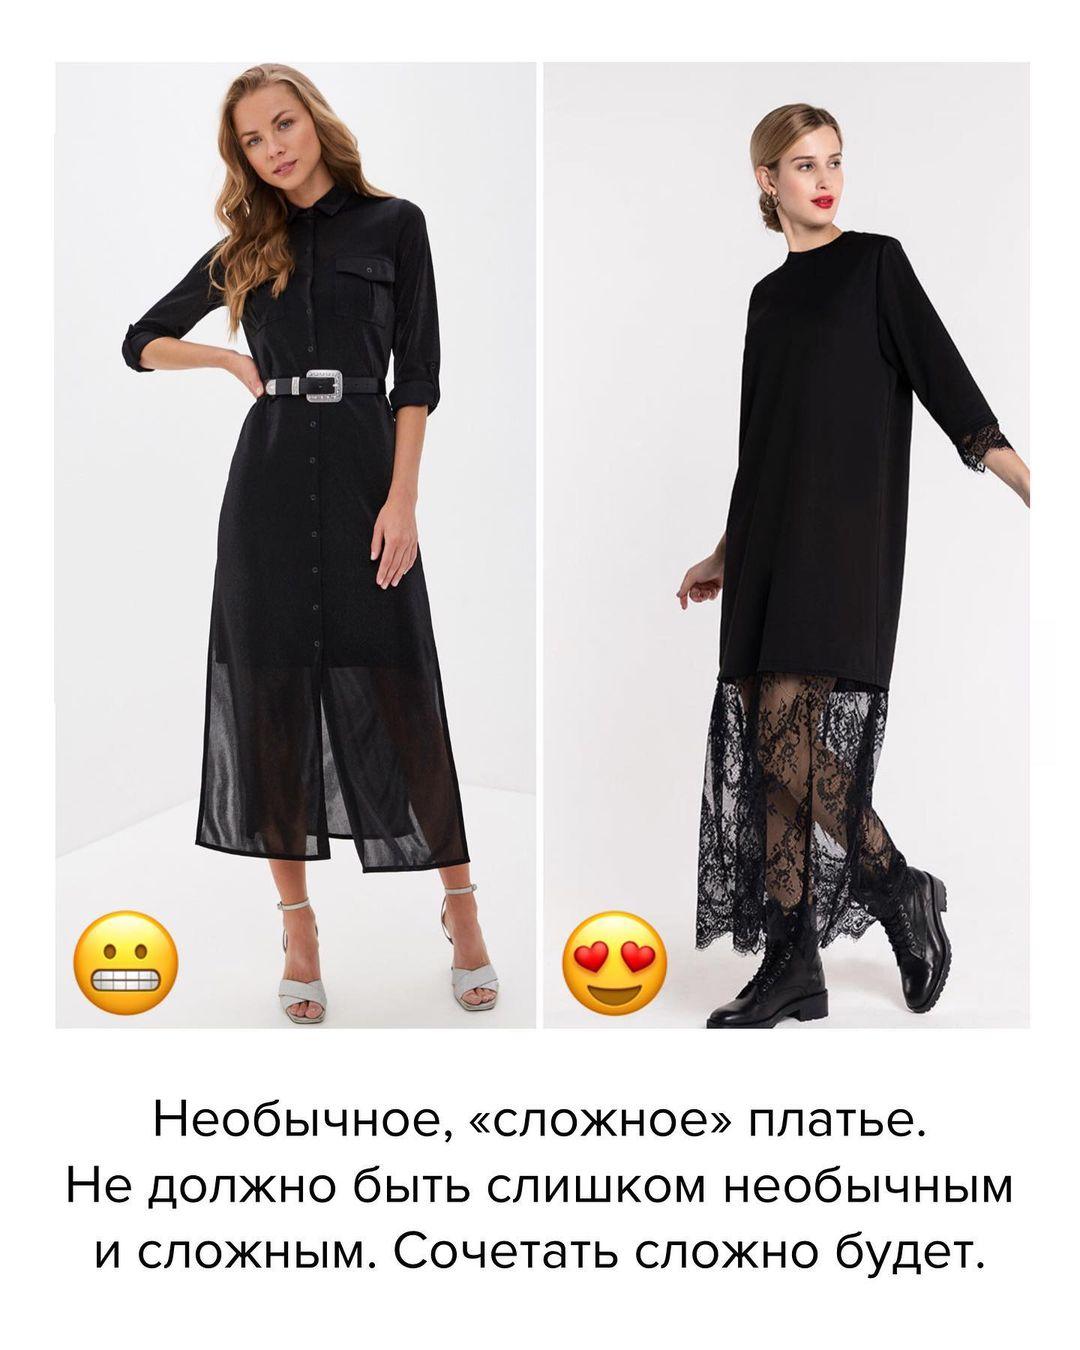 Девичий стиль и рубашка: стилист рассказала, какие платья пора выбросить летом 2021